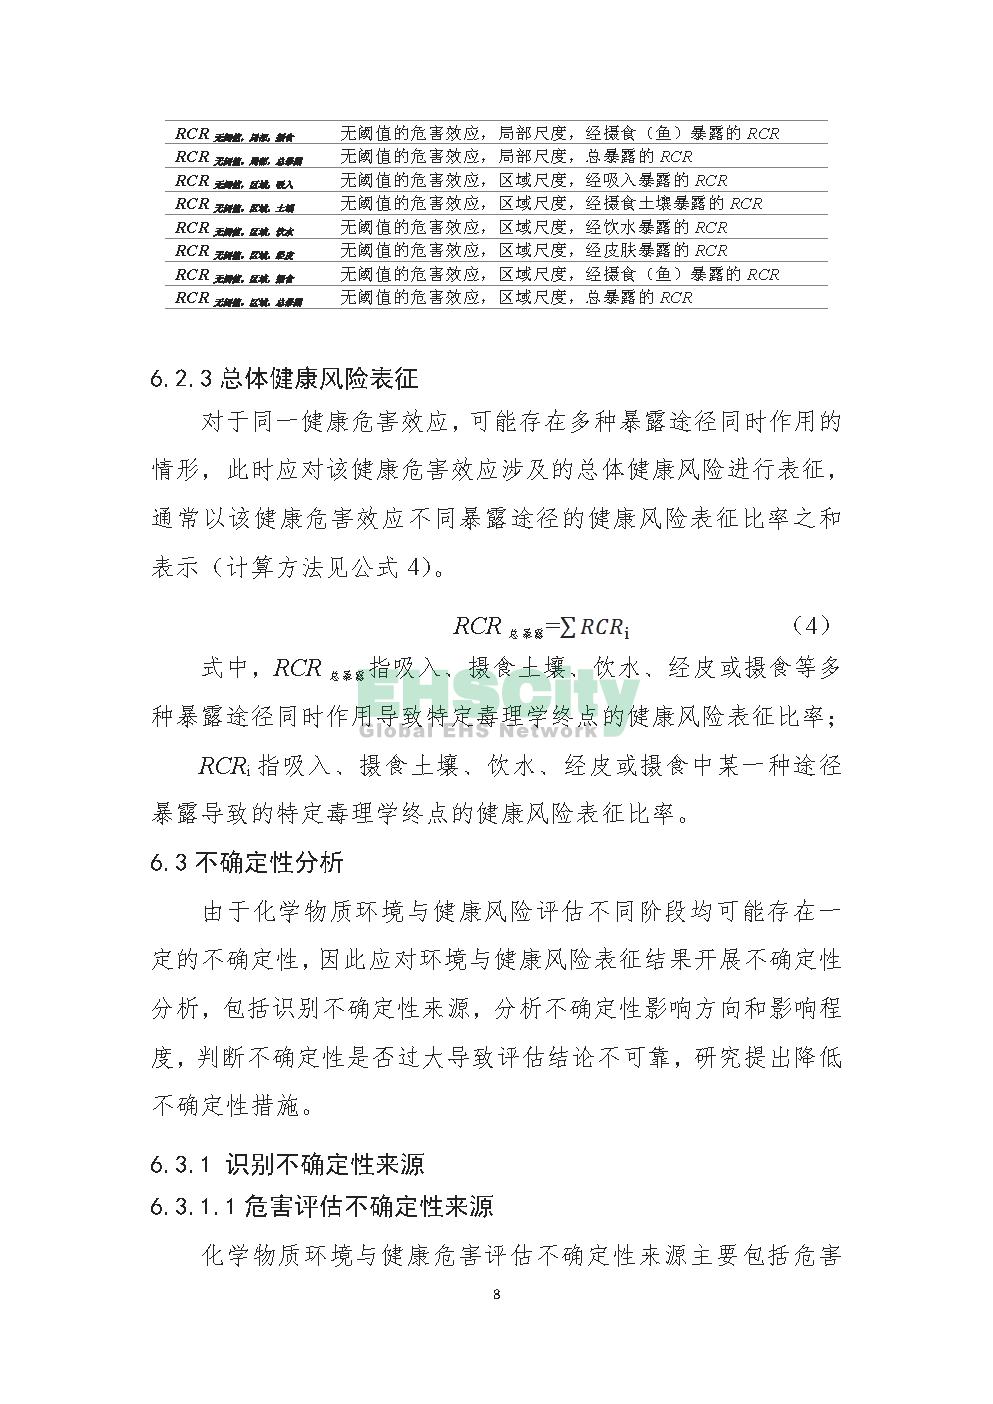 3化学物质环境与健康风险表征技术导则_页面_10